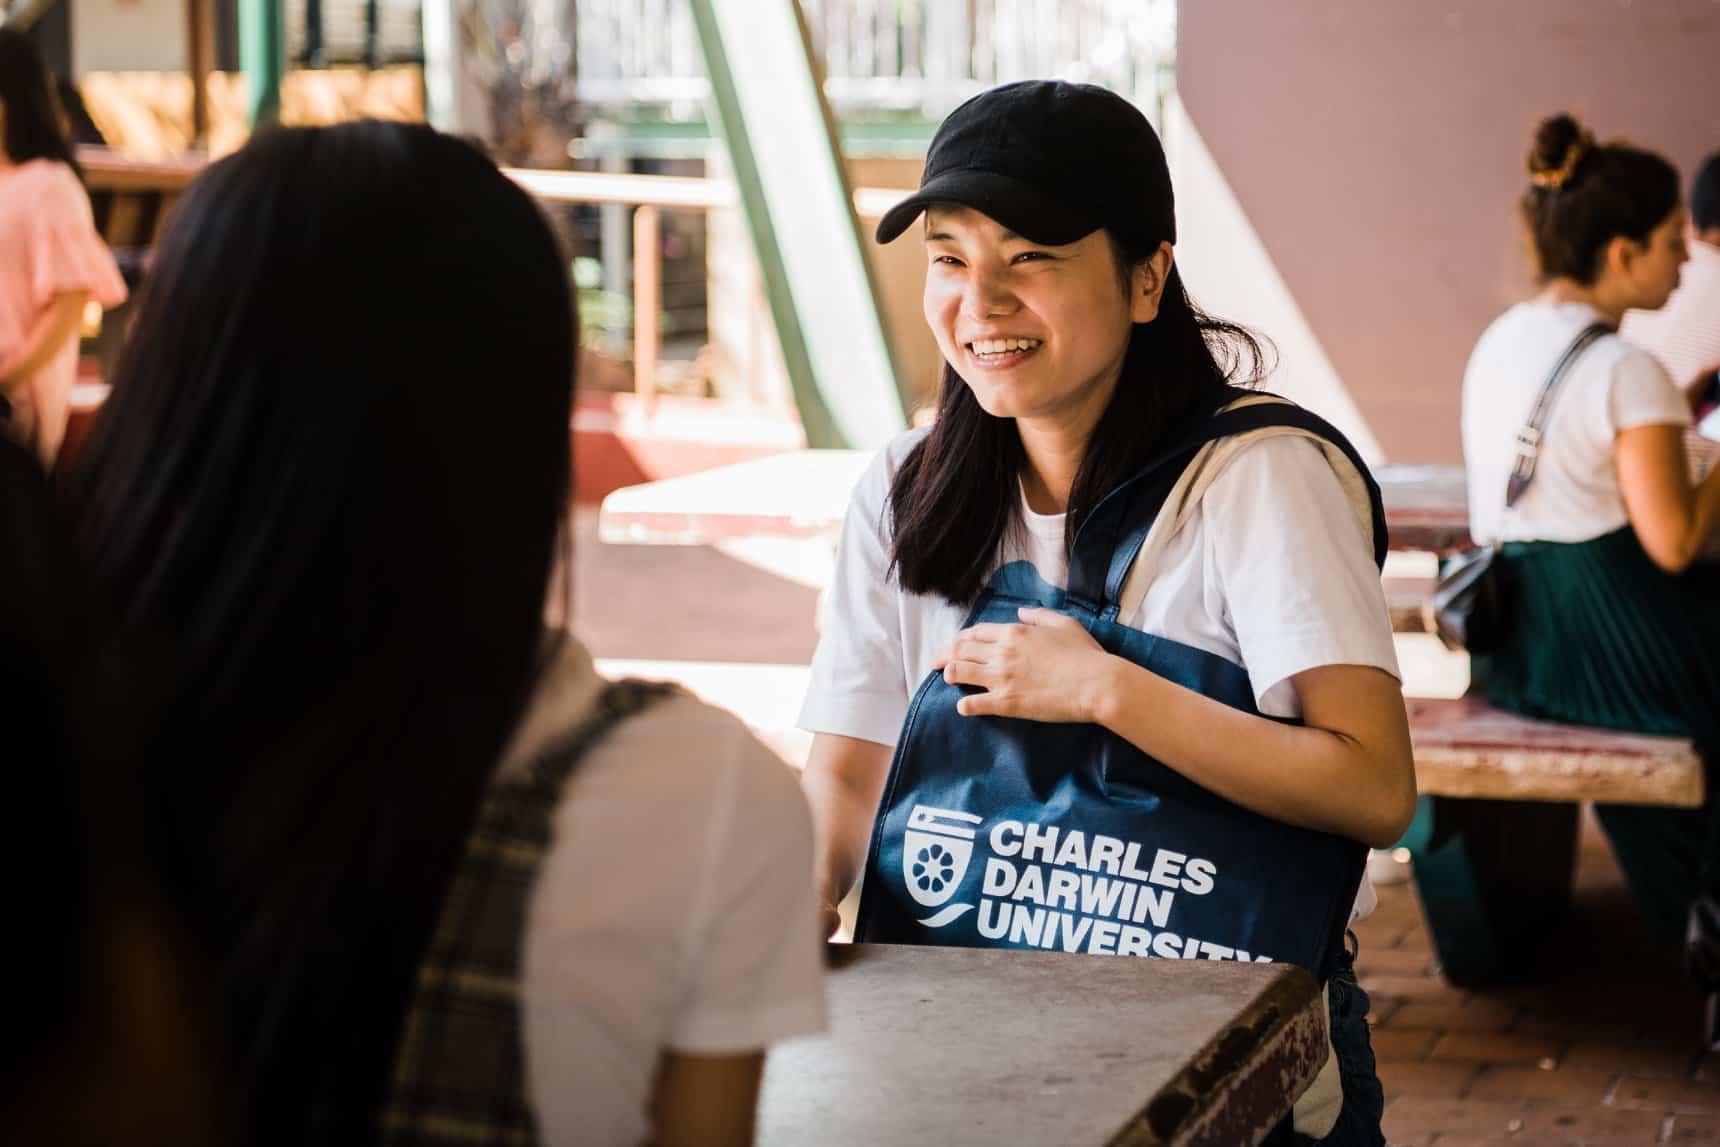 charles darwin university bolsas parciais para estudar na Austrália